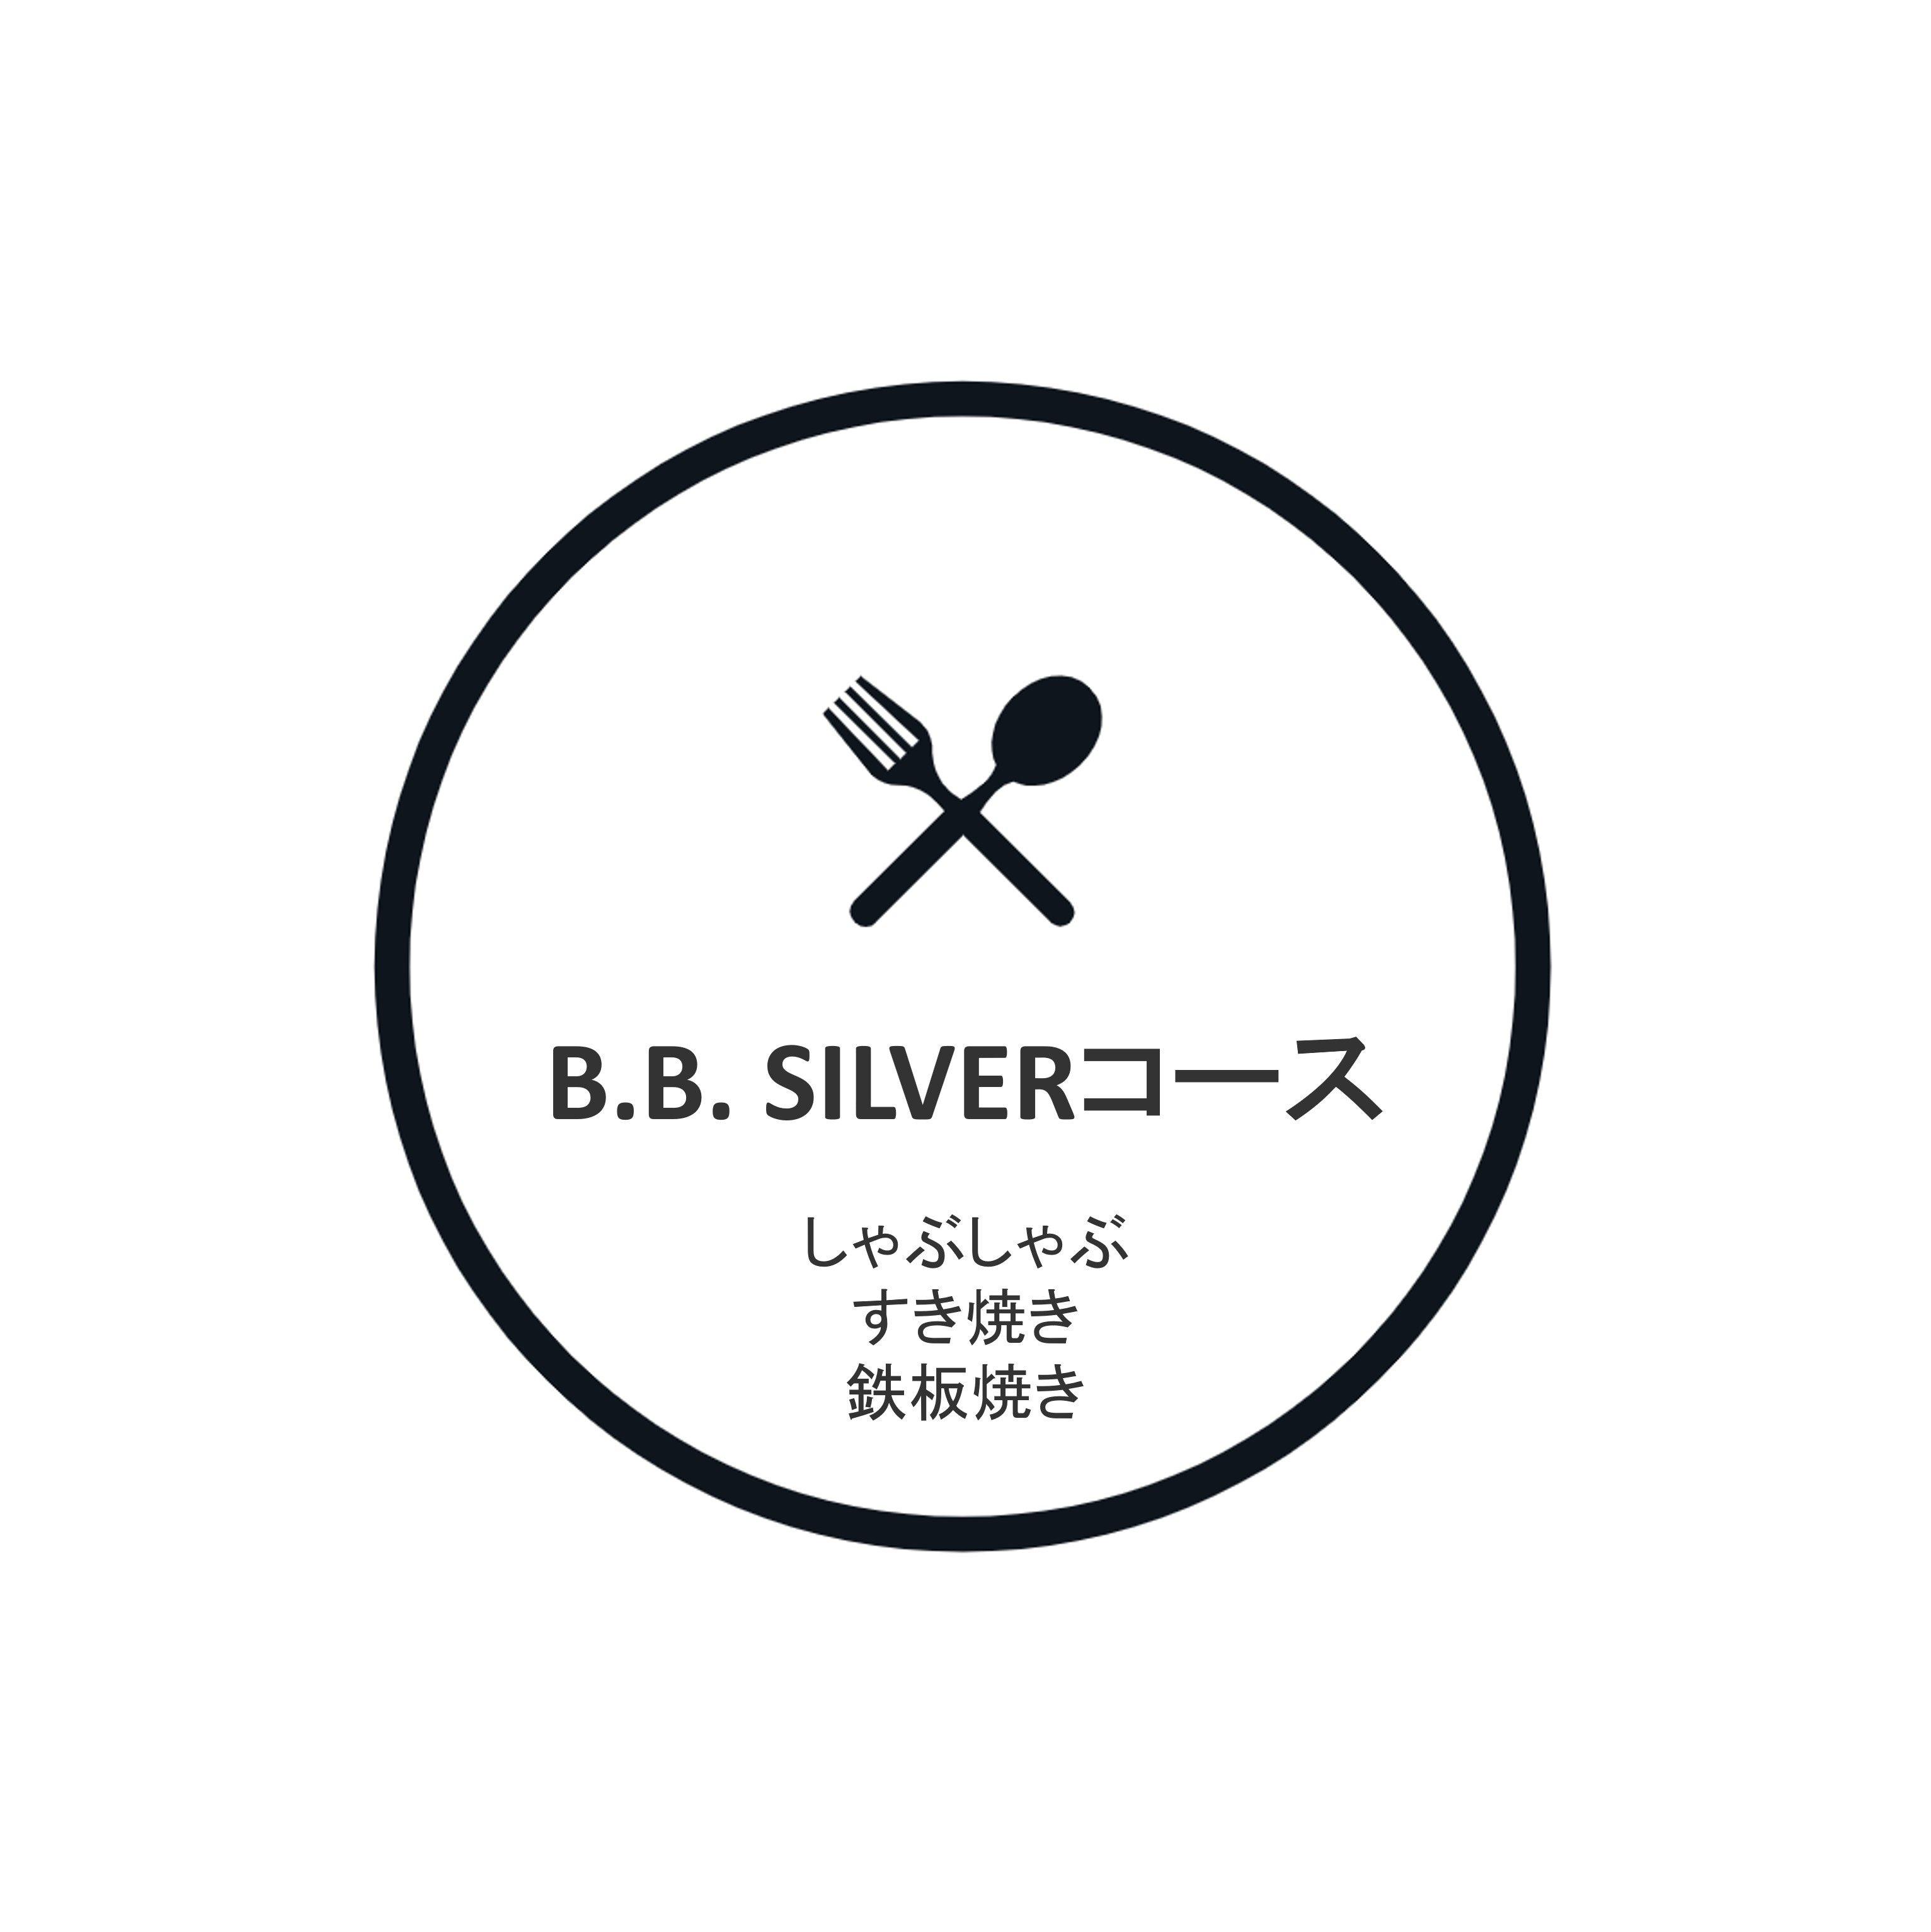 B.B. SILVERコース オードブルとしゃぶしゃぶ、またはすきやき、または鉄板焼き(焼肉)のイメージその1